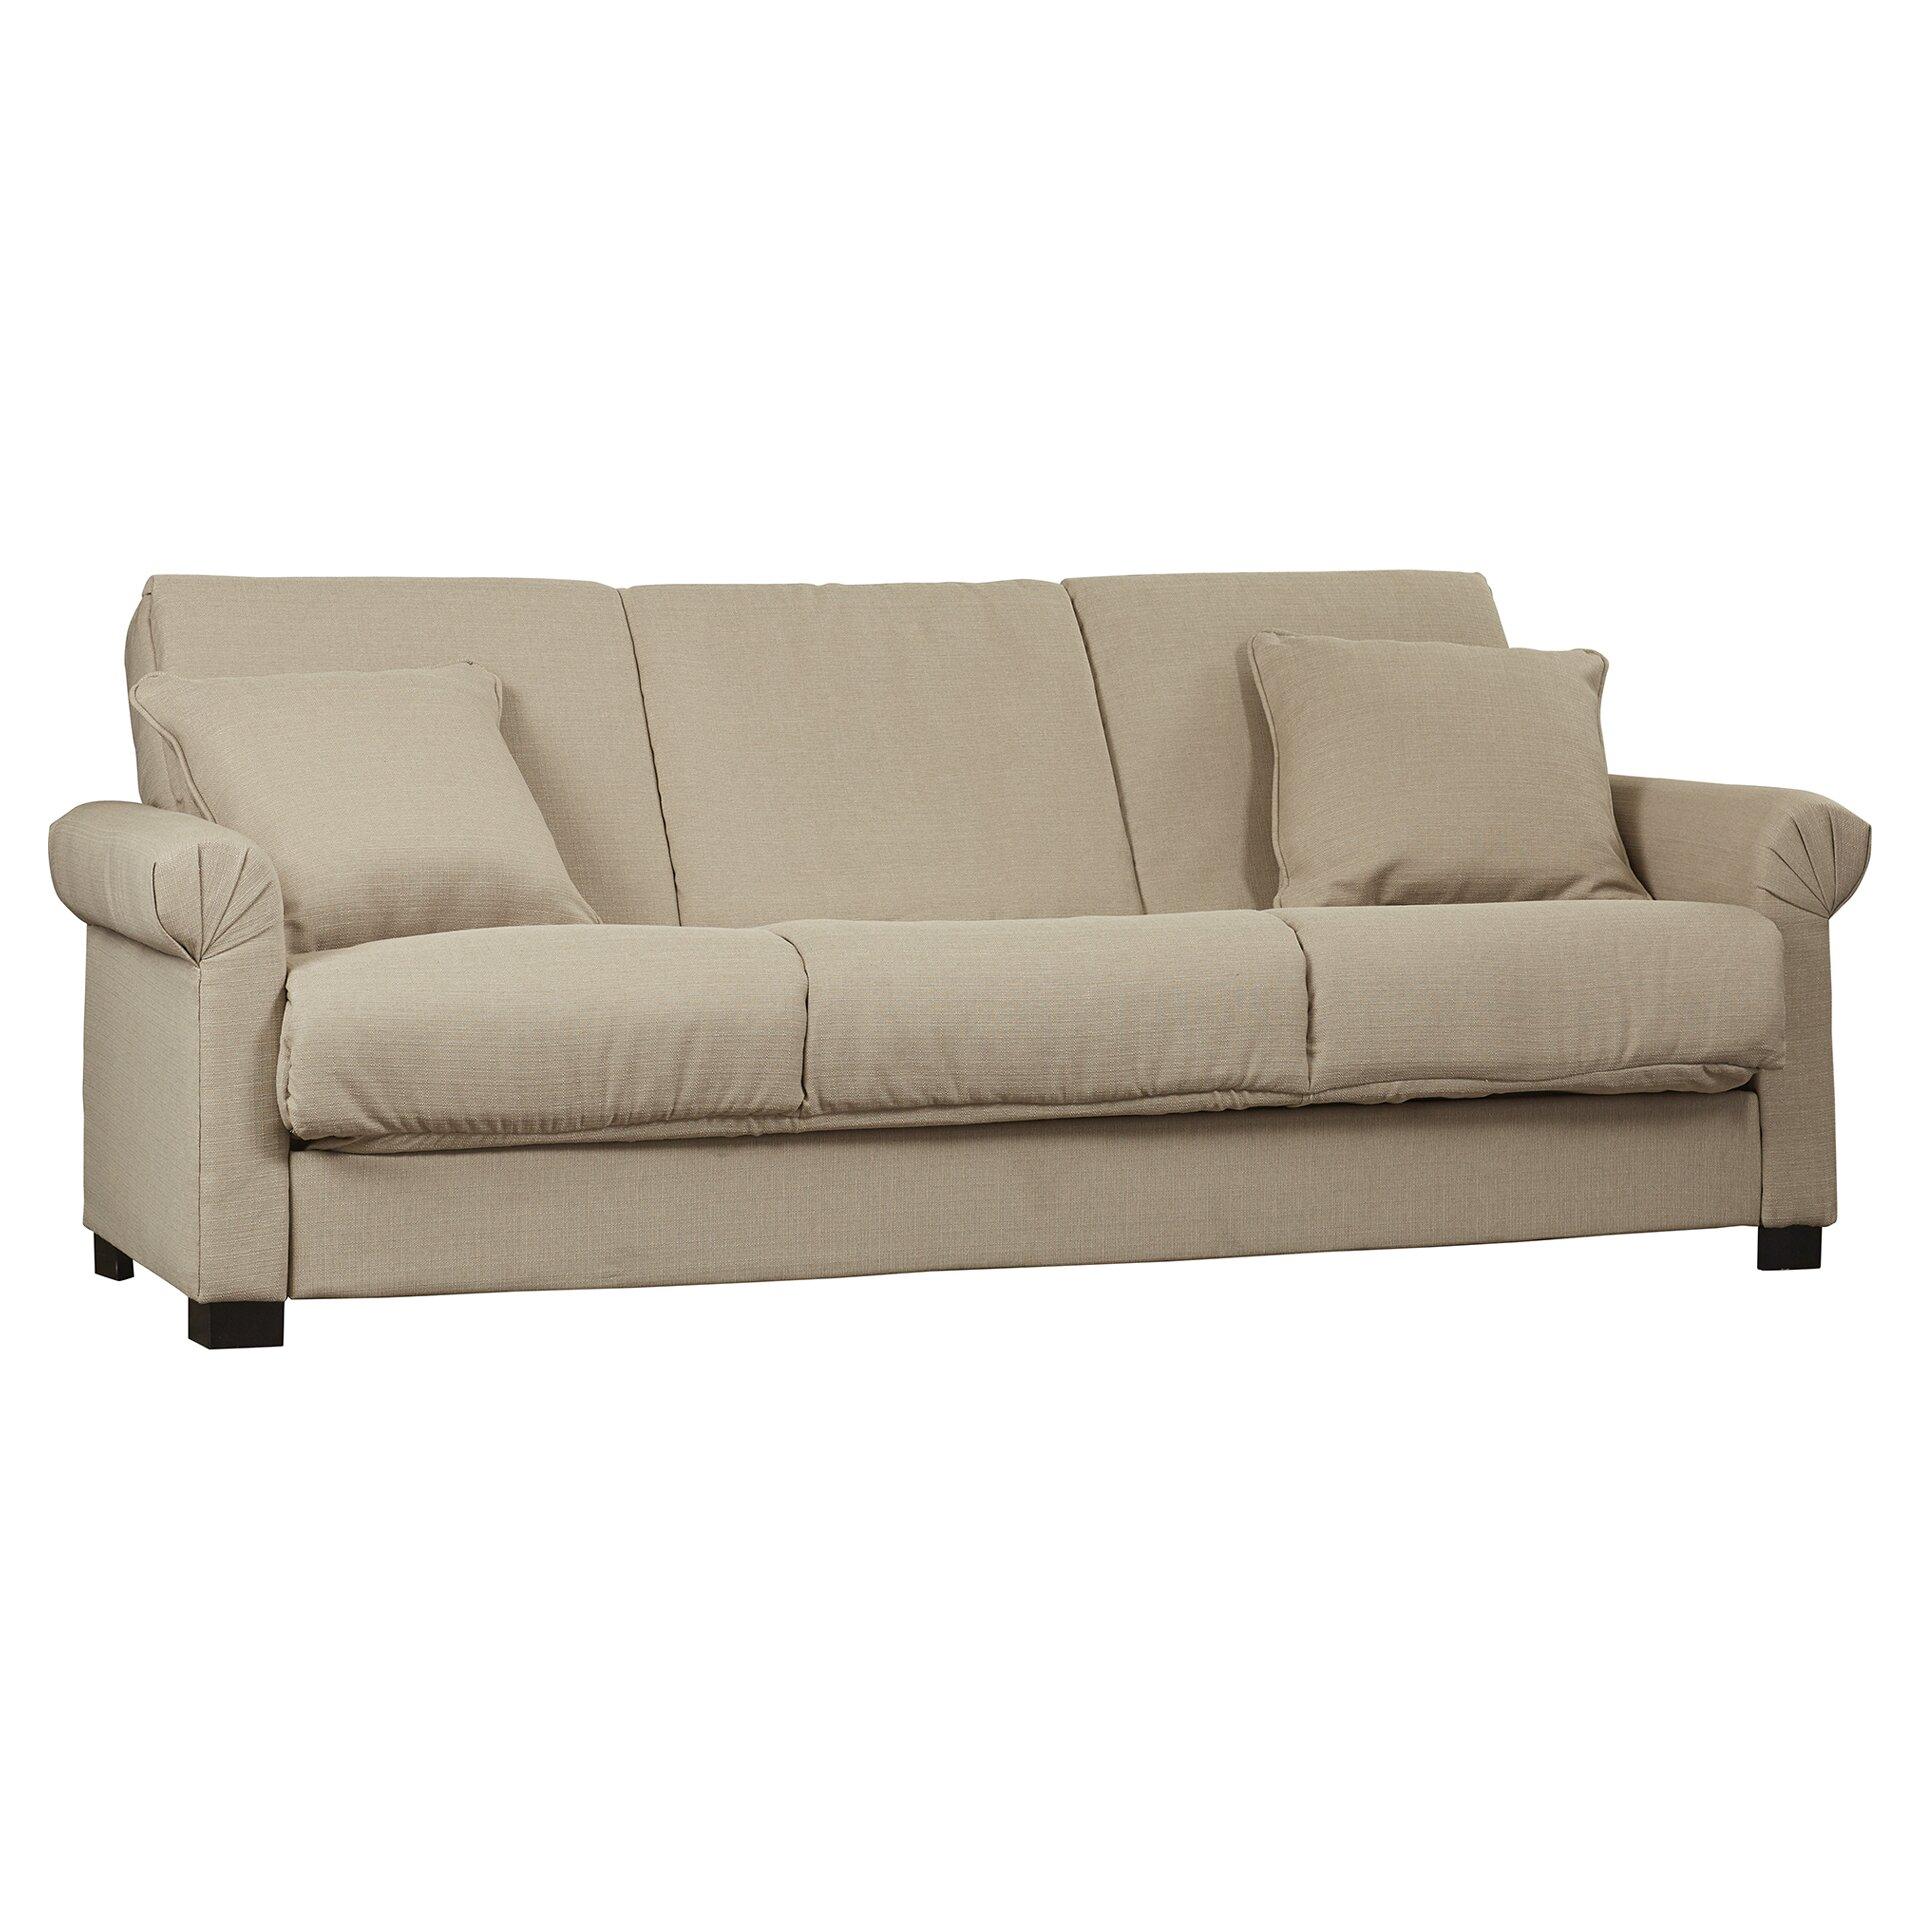 Alcott Hill Lawrence Full Convertible Upholstered Sleeper